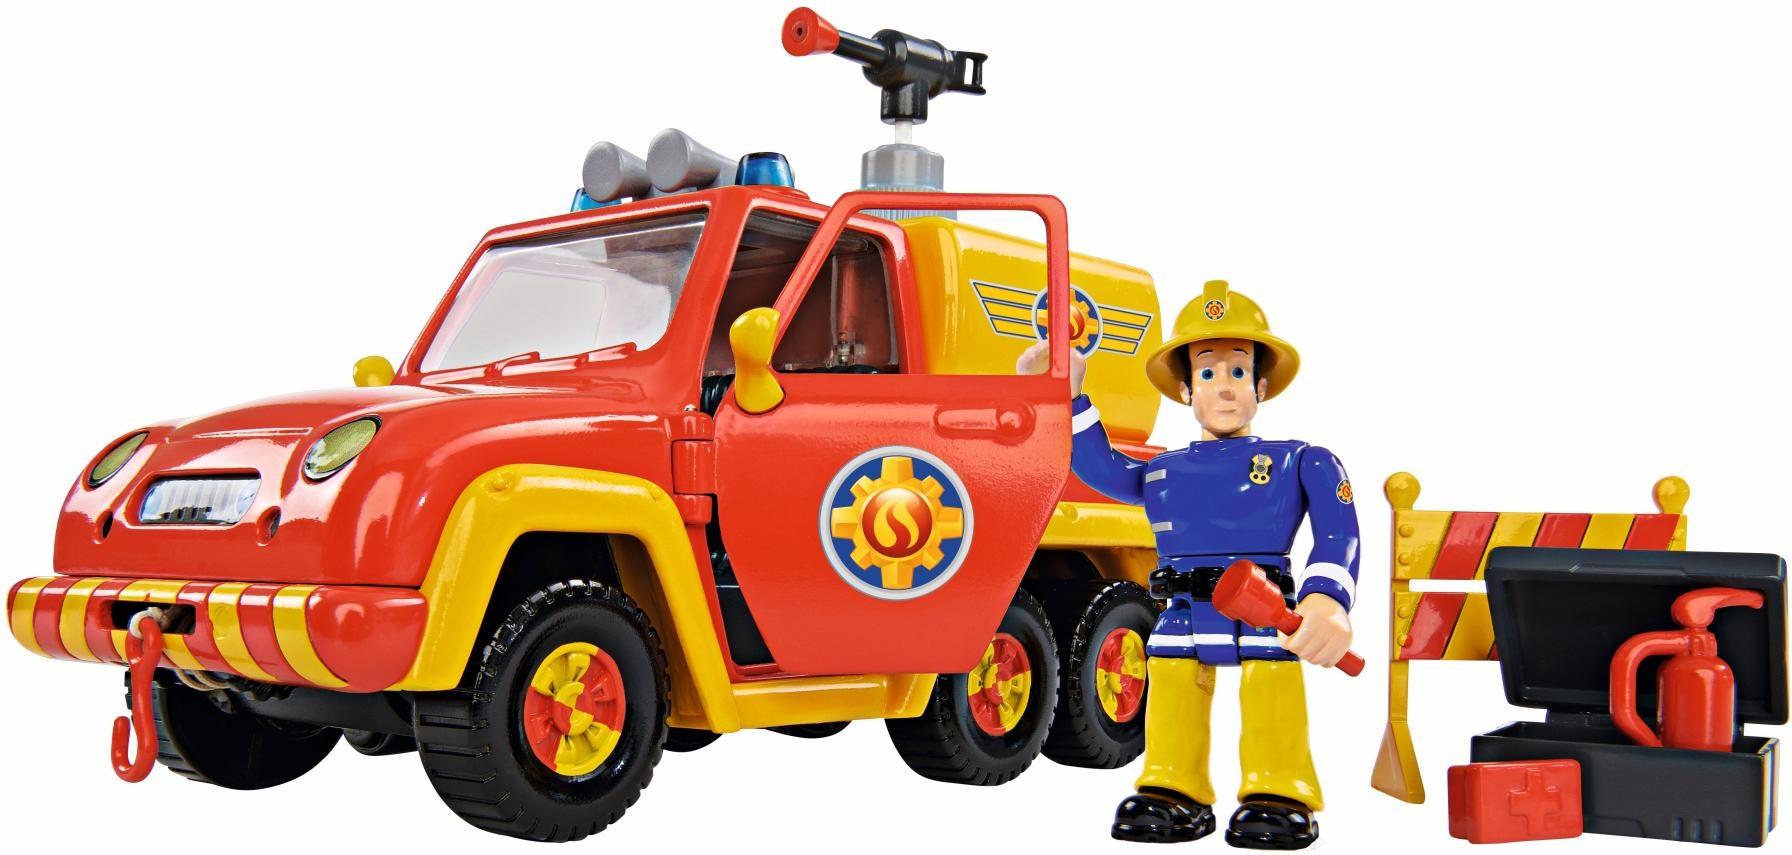 Feuerwehrauto Spiel Deutsch Baukästen & Konstruktionsspielzeug HEROS Constructor